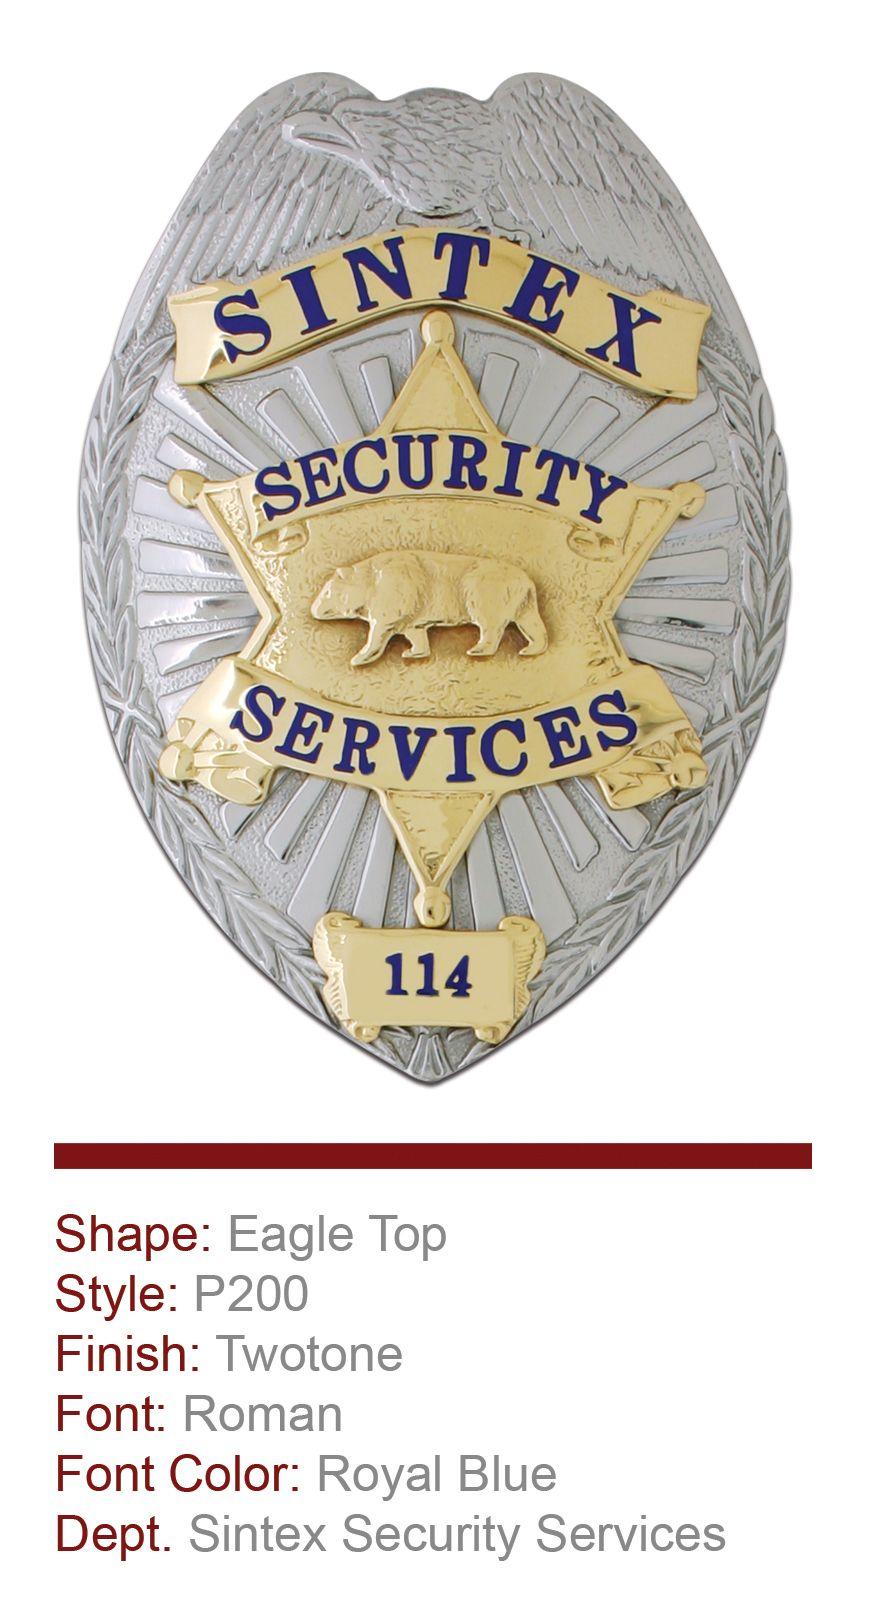 Sintex Security Services